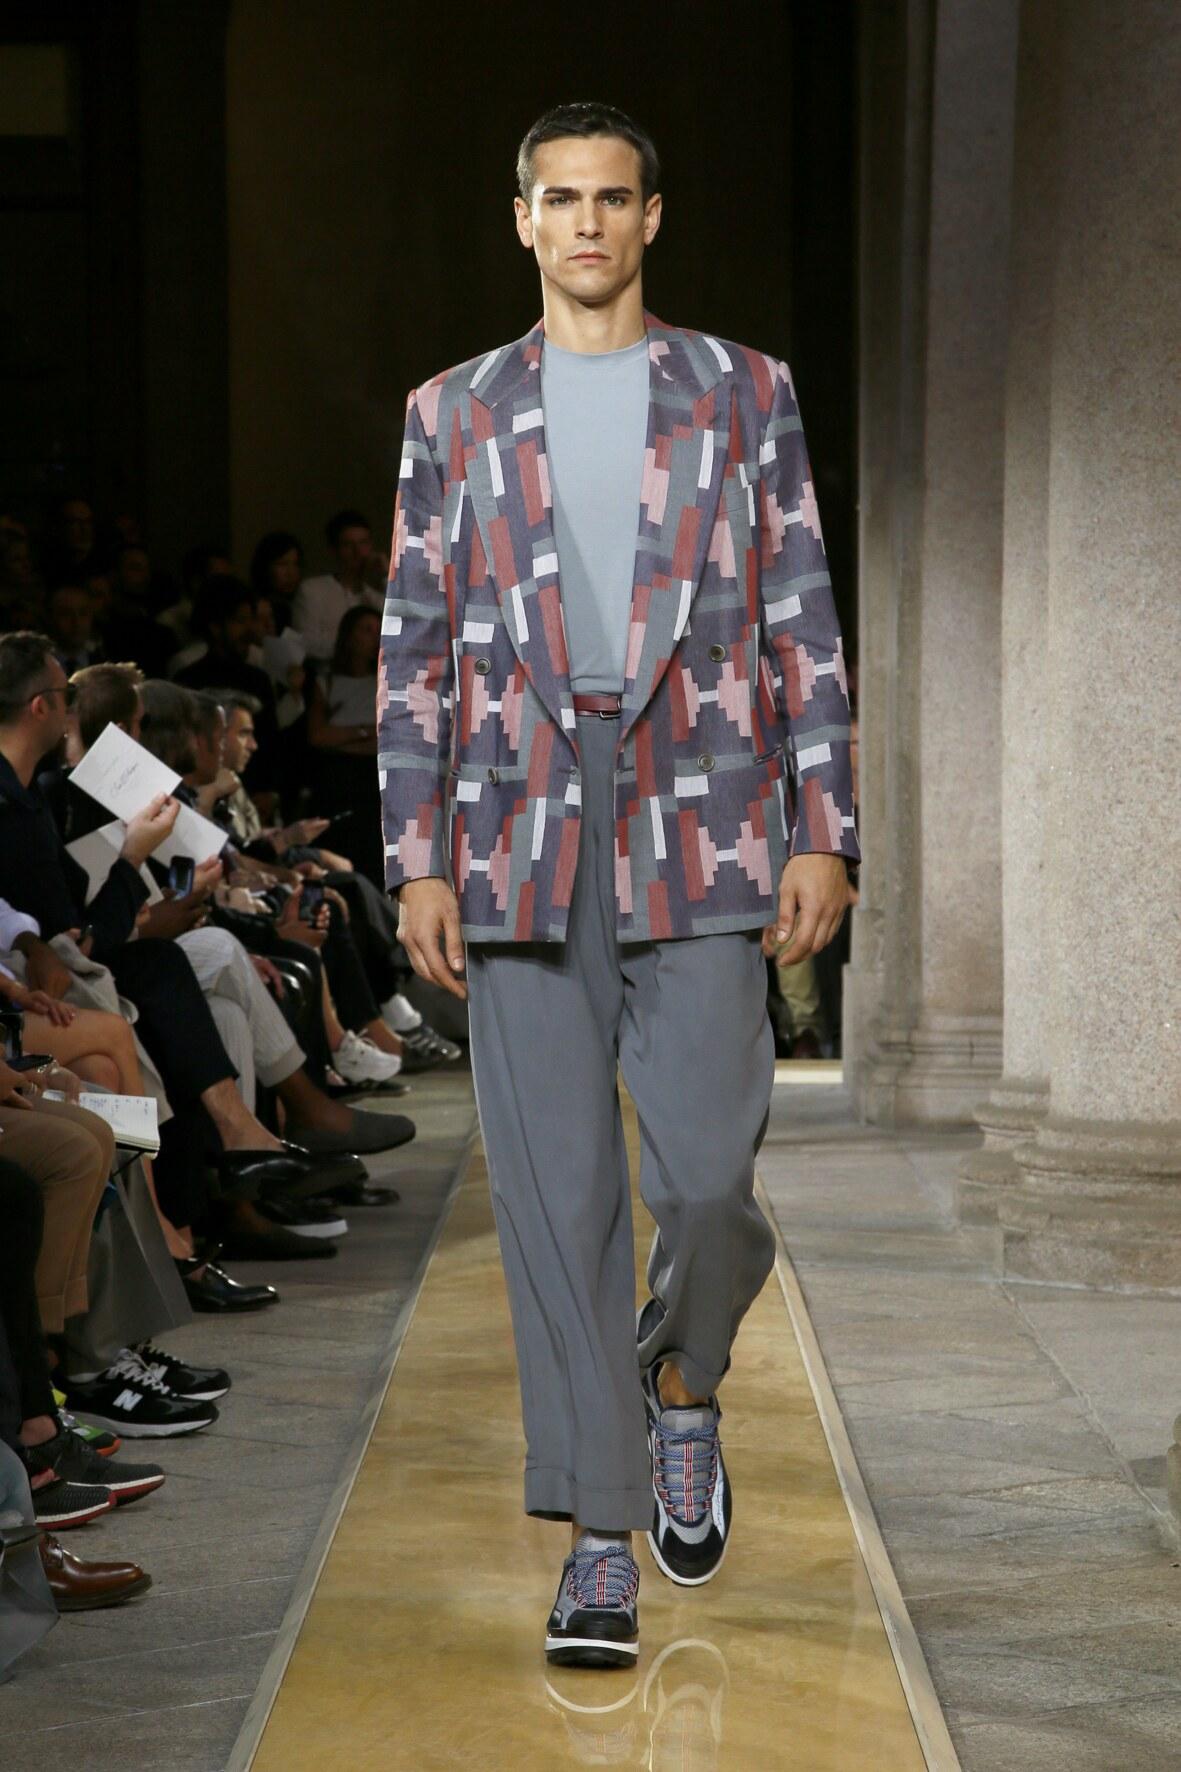 Fashion Trends 2020 Catwalk Giorgio Armani Summer Mens Collection